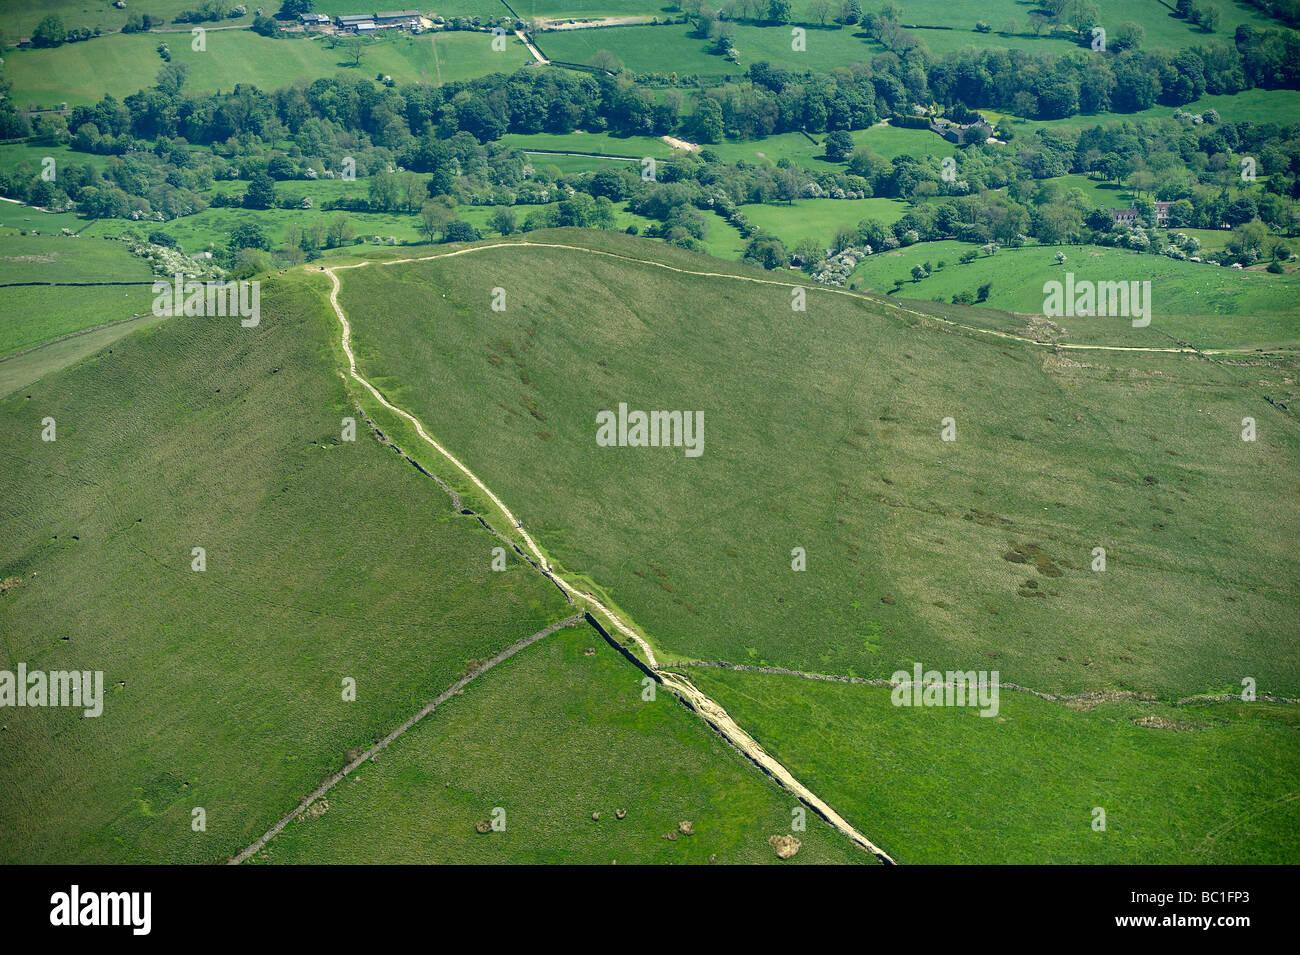 La Pennine Way, all'estremità nord di Edale, Derbyshire Peak District, nell Inghilterra del Nord Immagini Stock